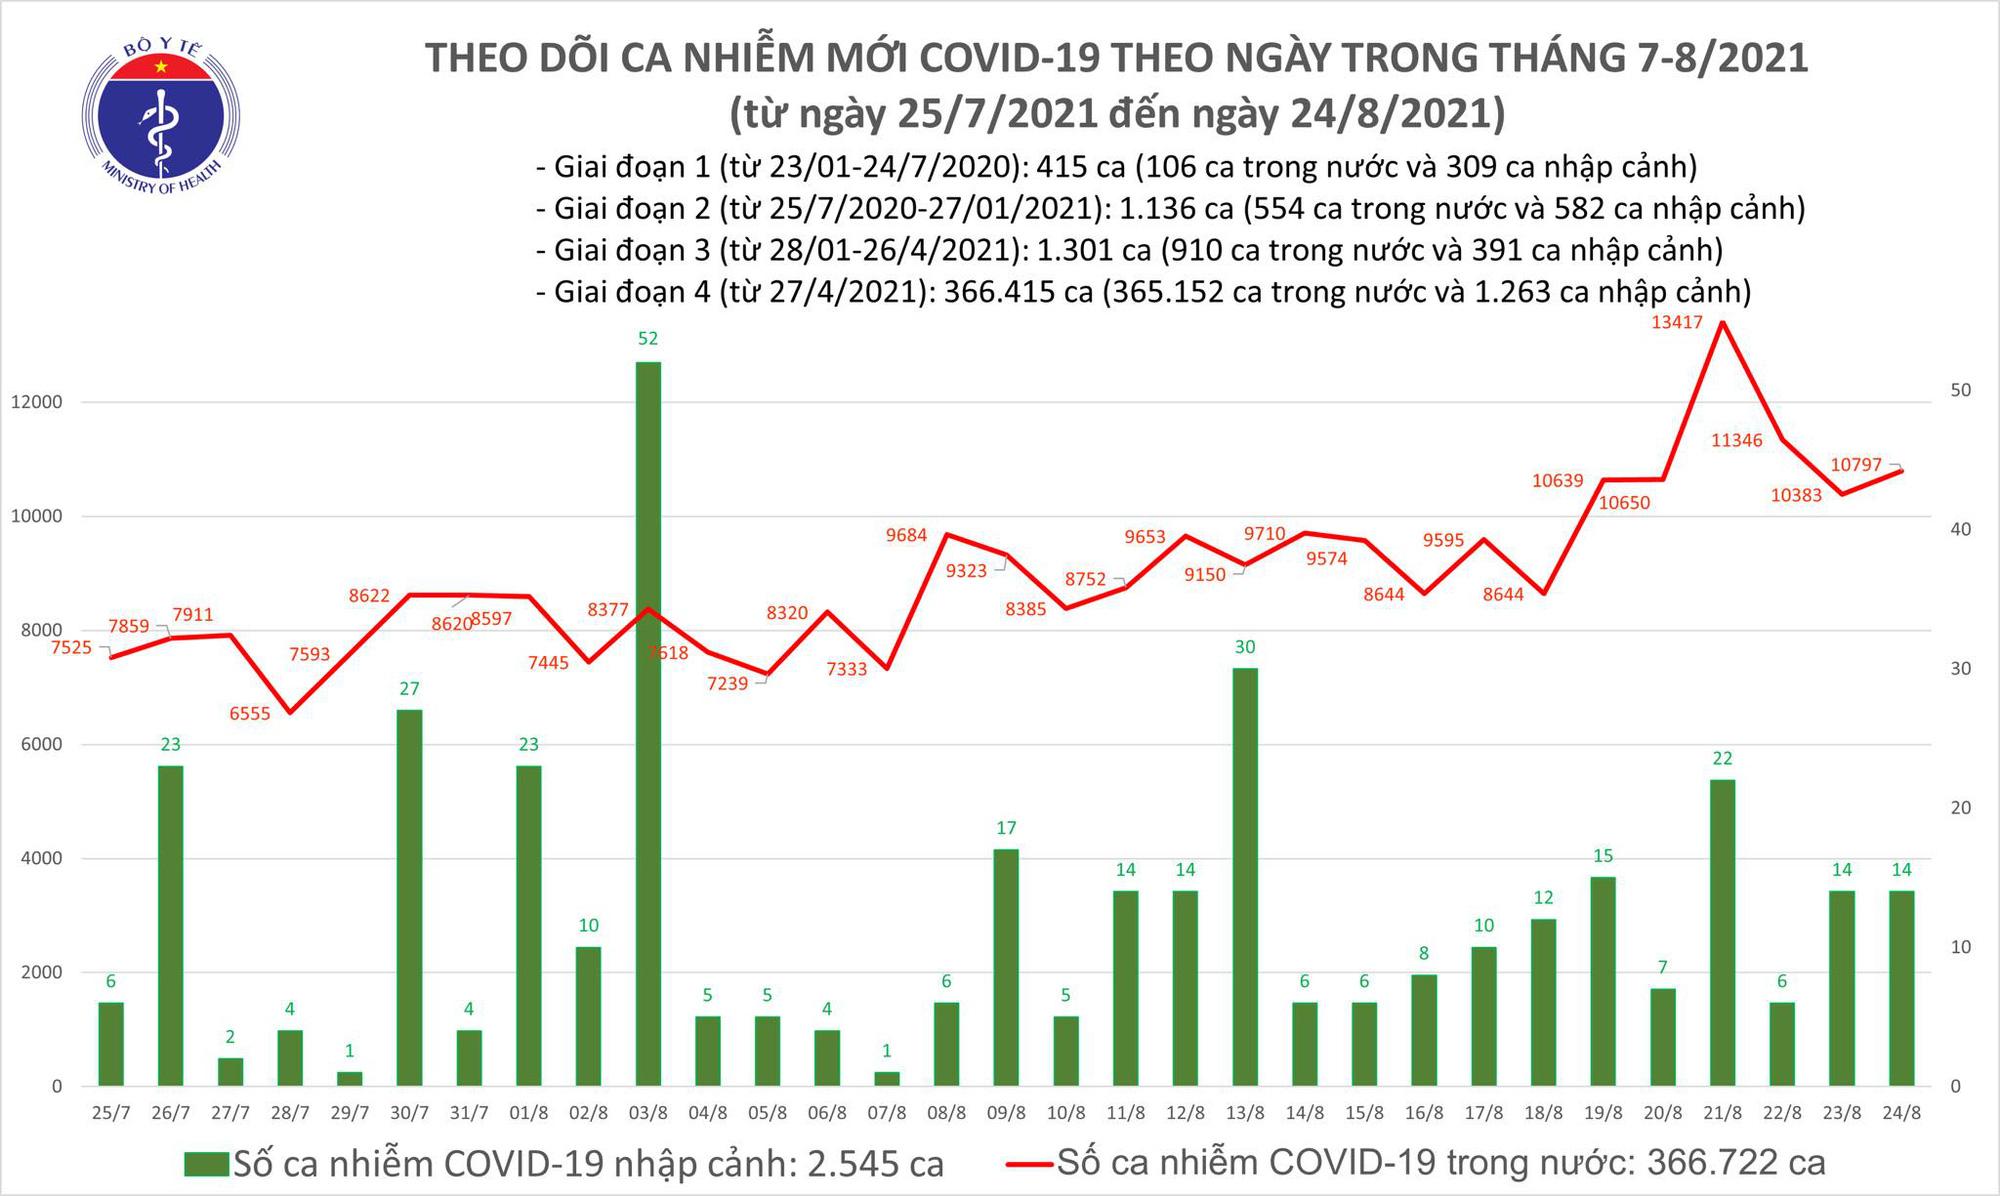 Tối 24/8: Thêm 10.811 ca COVID-19, TP Hồ Chí Minh và Bình Dương đã có đến 8.255 ca - Ảnh 1.